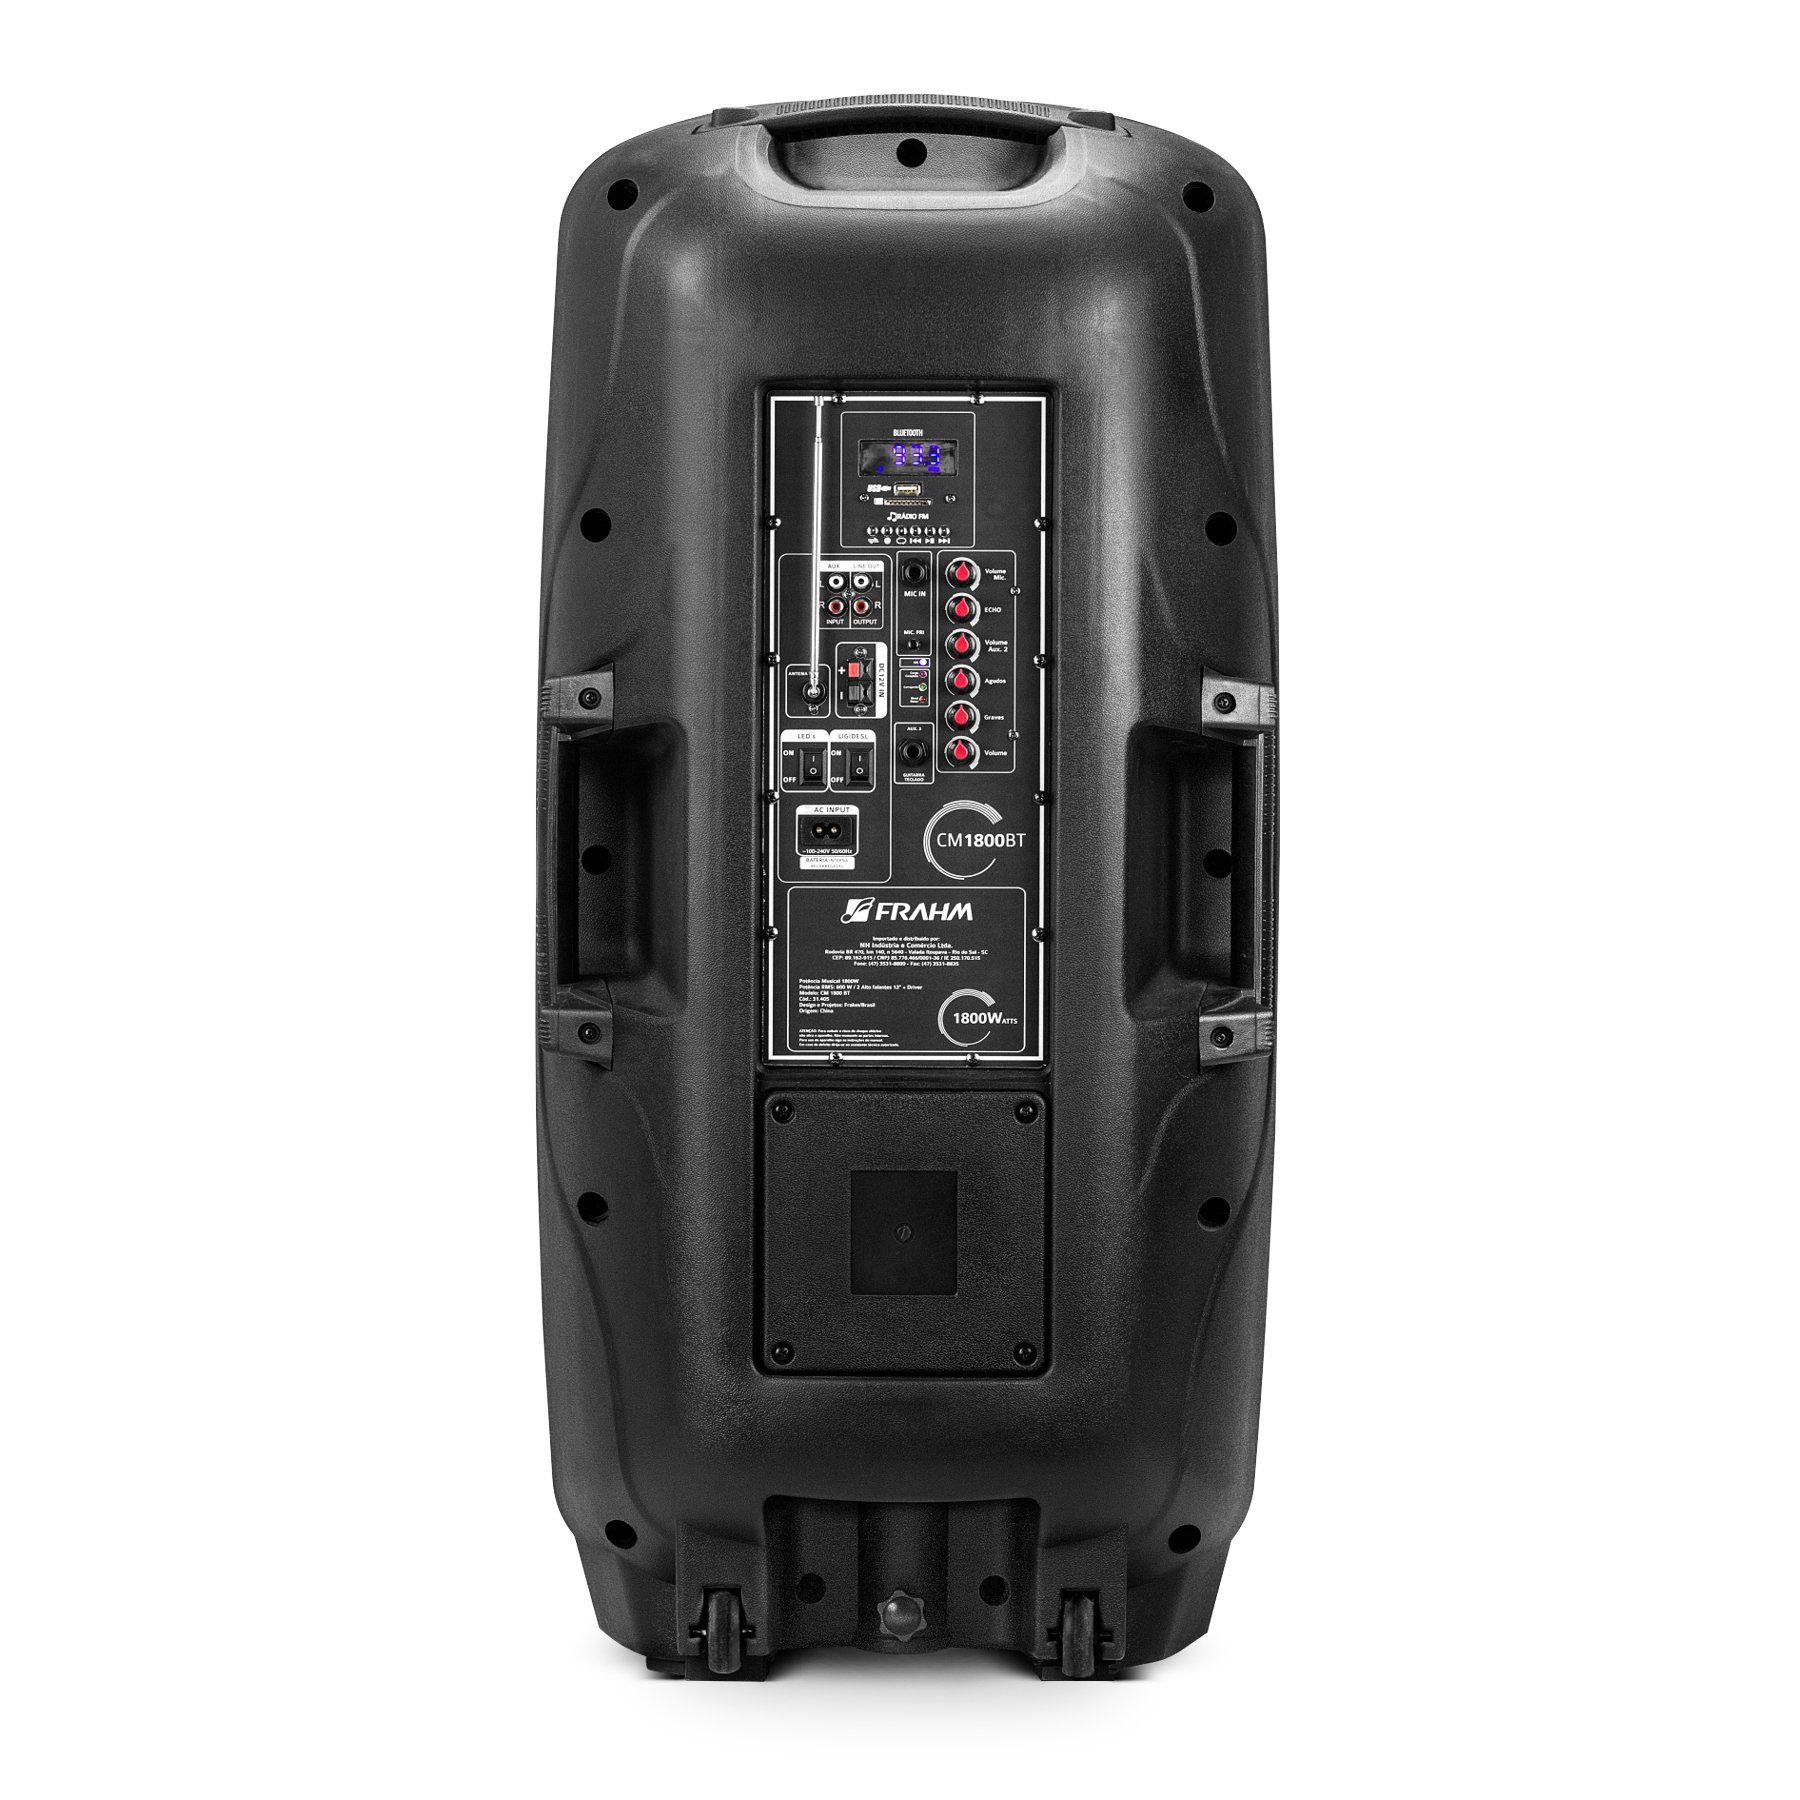 Caixa Amplificada Com Bateria Frahm Cm1800 Bt 2x Falante 12 600W Rms